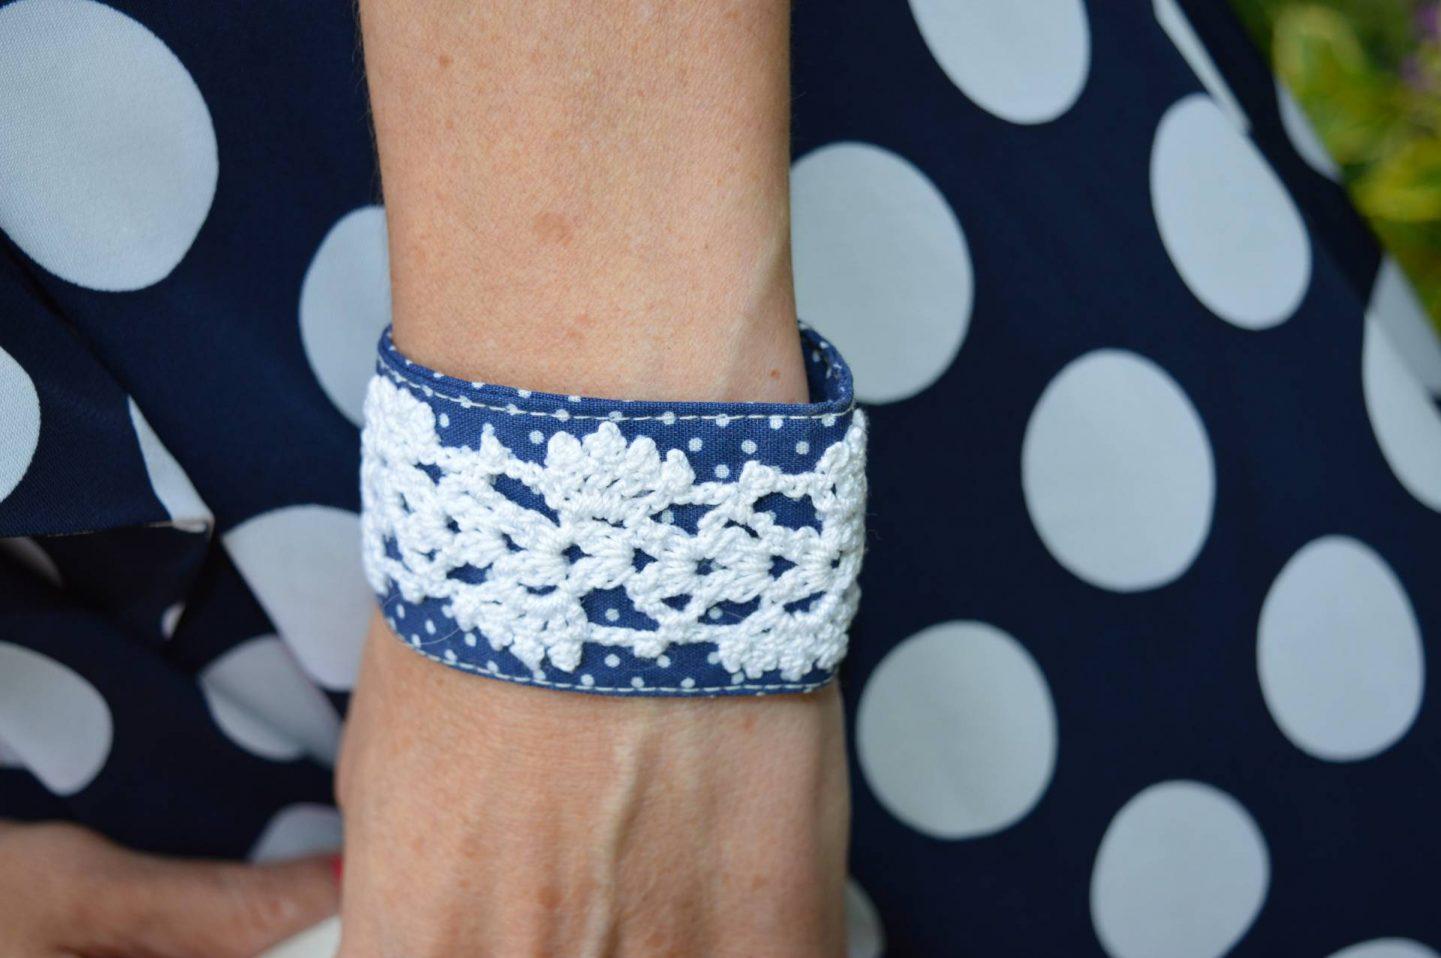 The Vegan Center bracelet